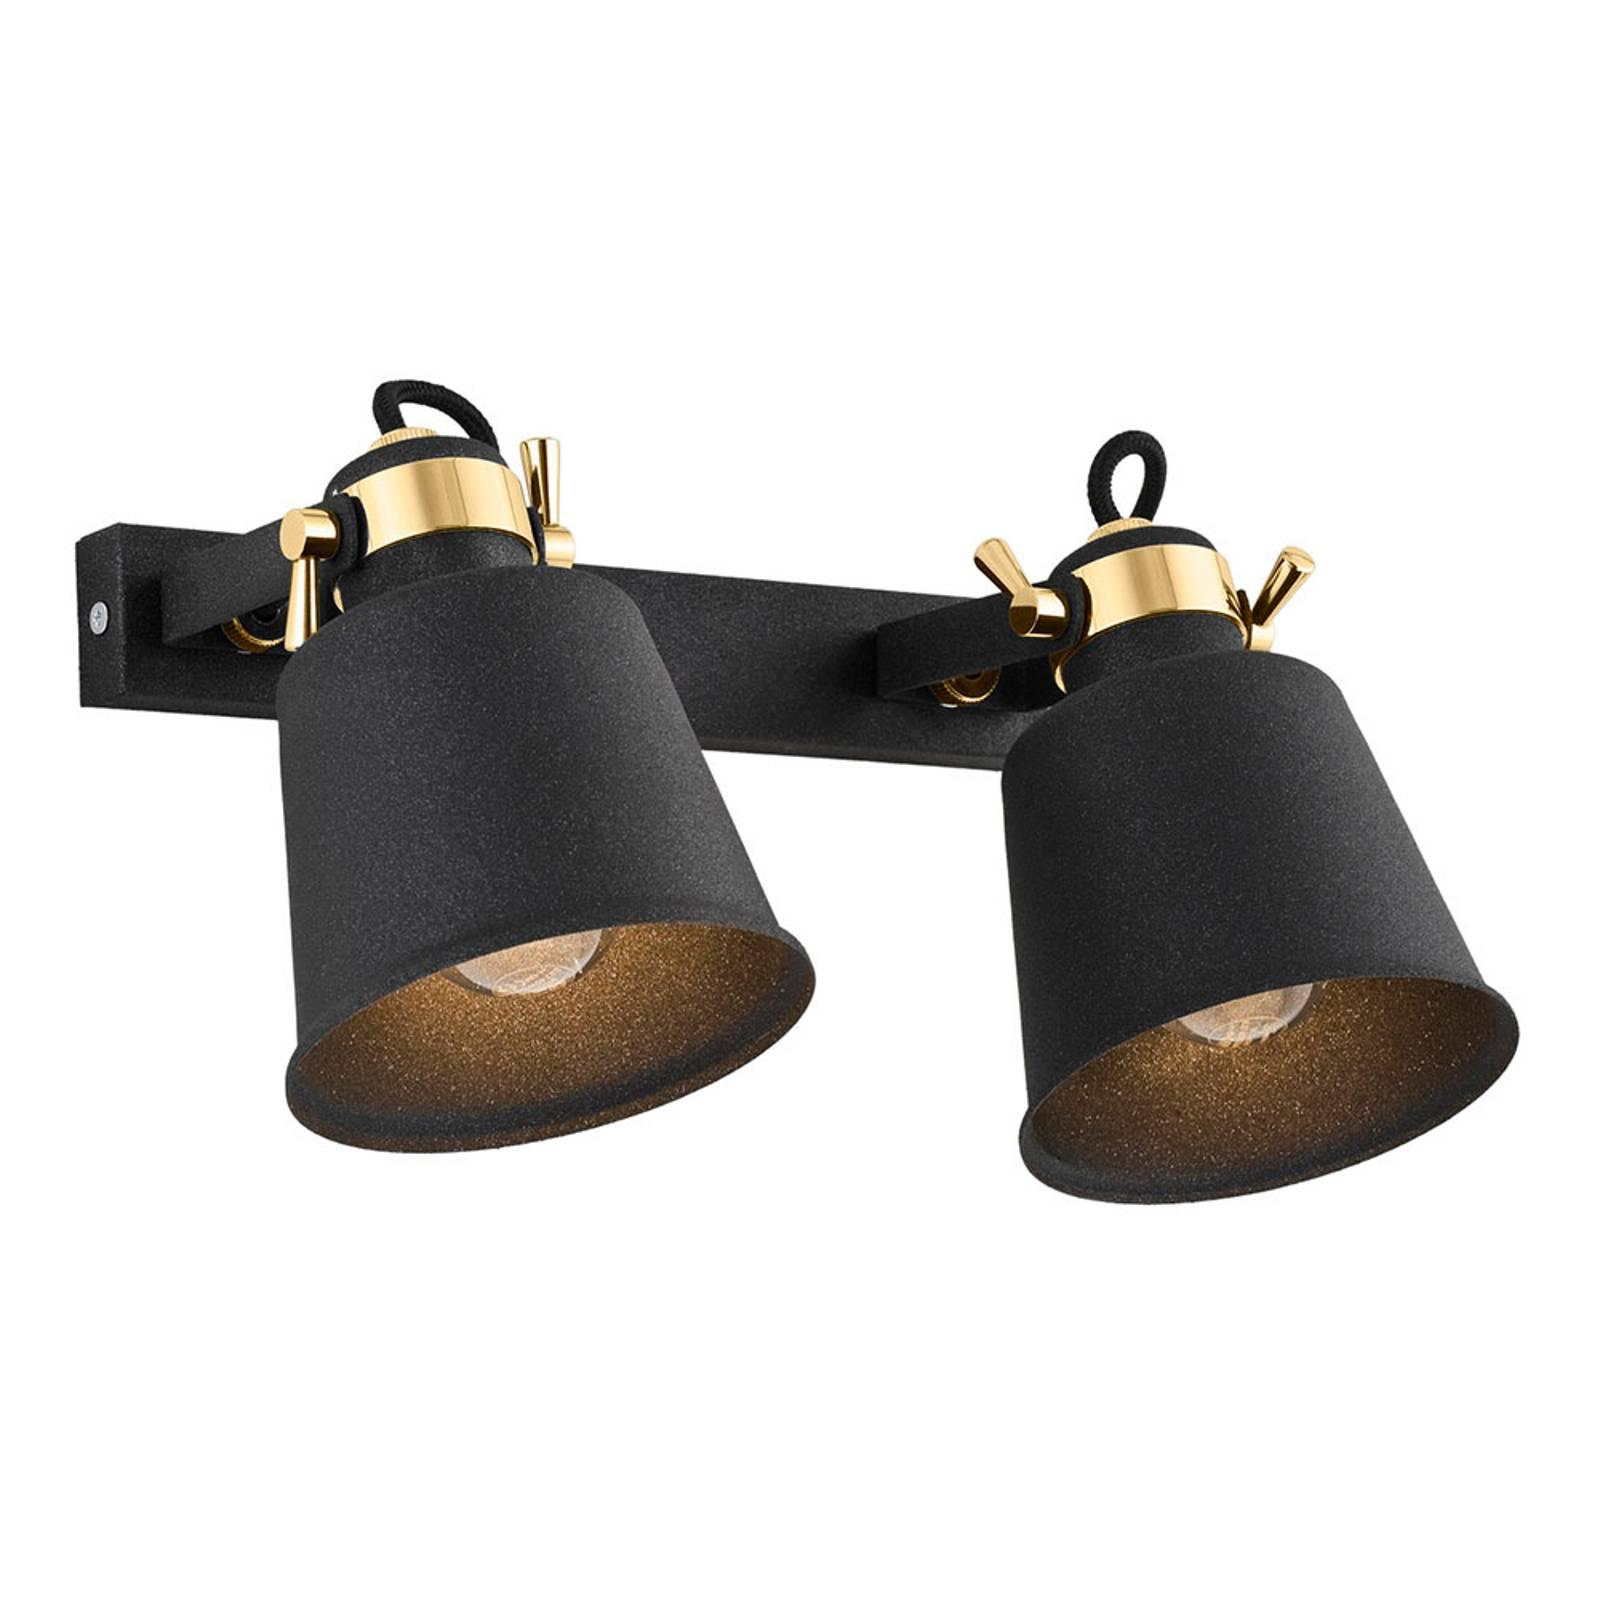 Faretto da parete Kerava, 2 luci, nero/ottone